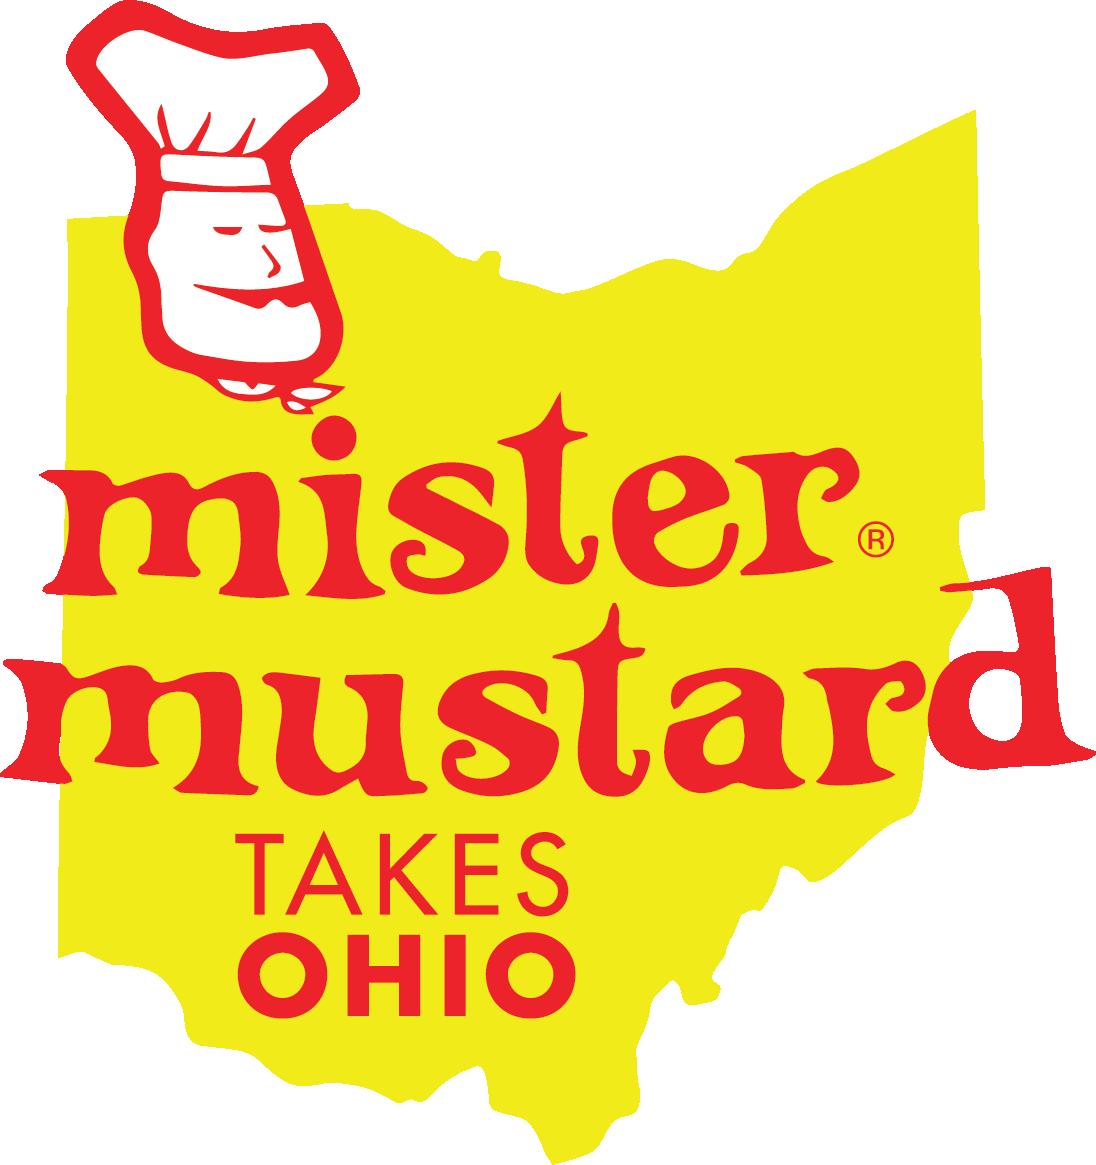 Mister Mustard Takes Ohio